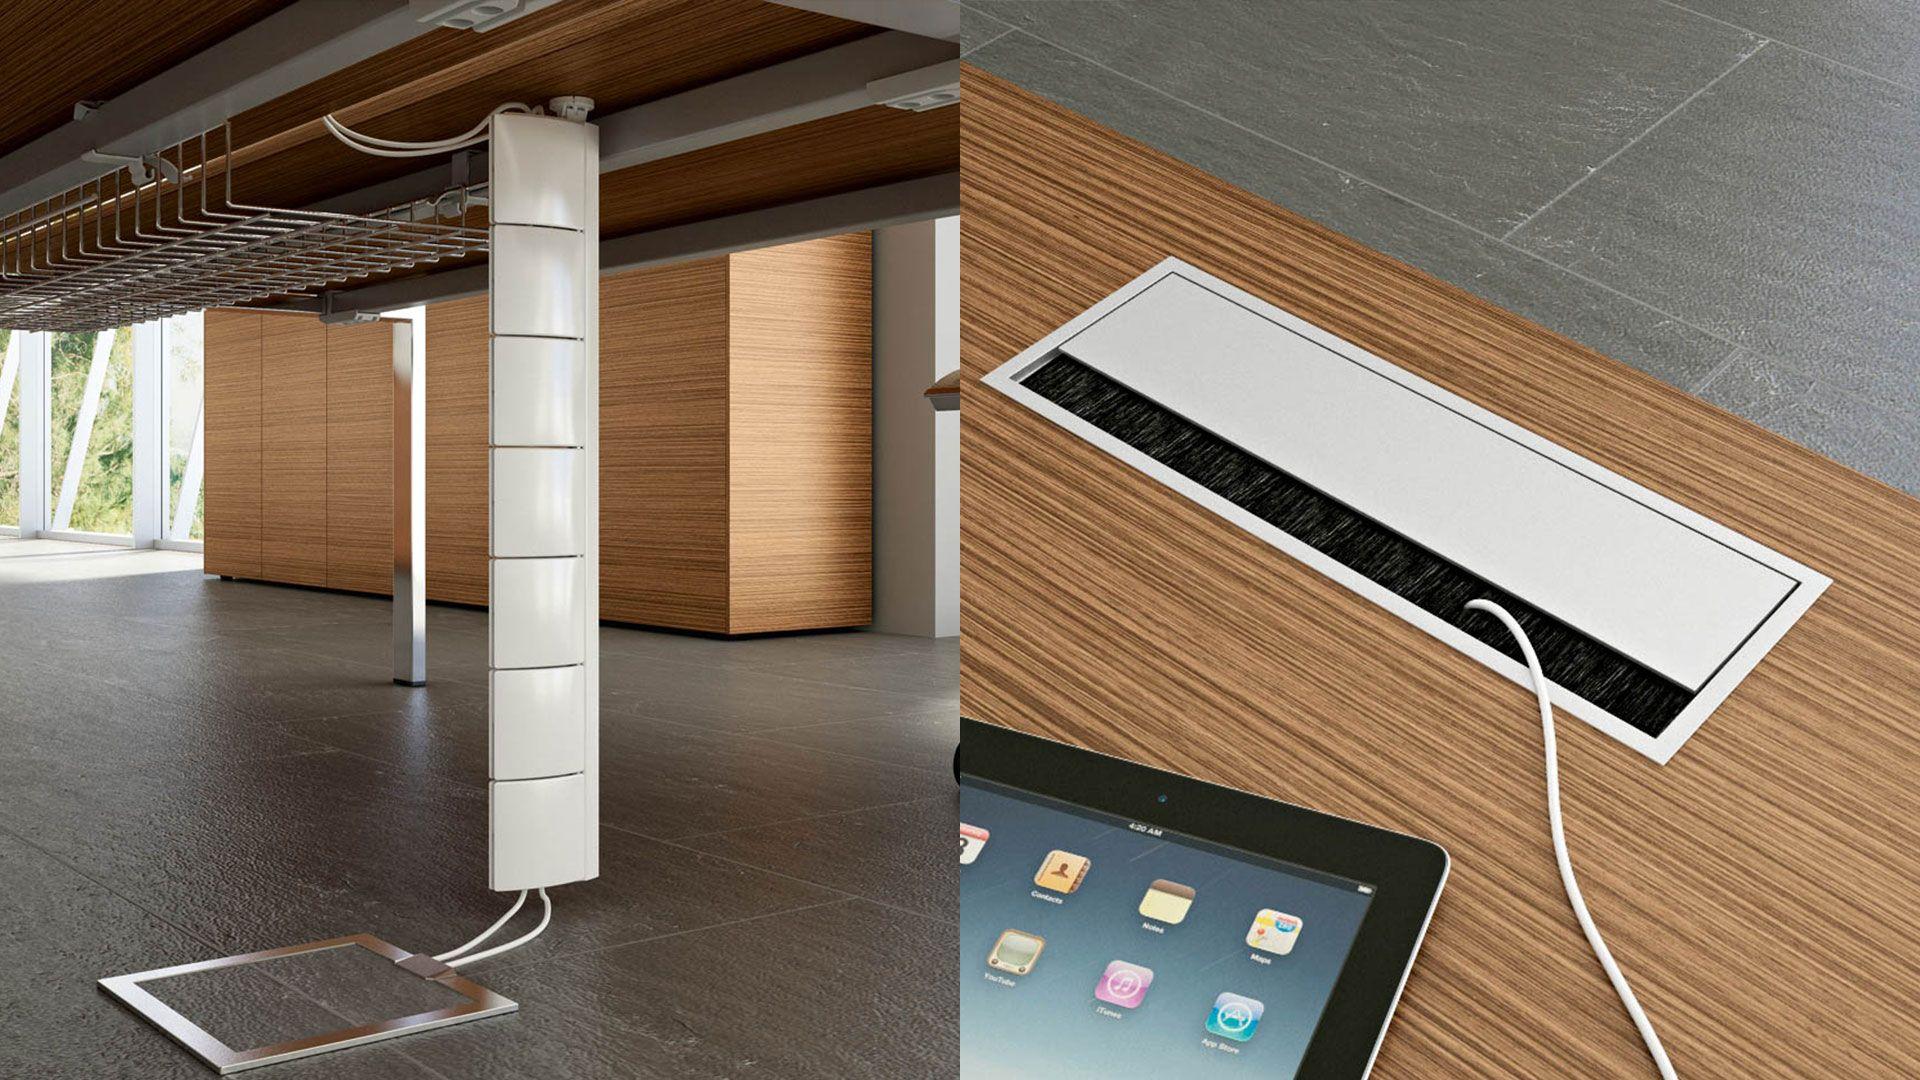 chefschreibtisch chefb ro schreibtisch mit kabelkanal und horizontalen kabelf hrungen kabelkanal. Black Bedroom Furniture Sets. Home Design Ideas